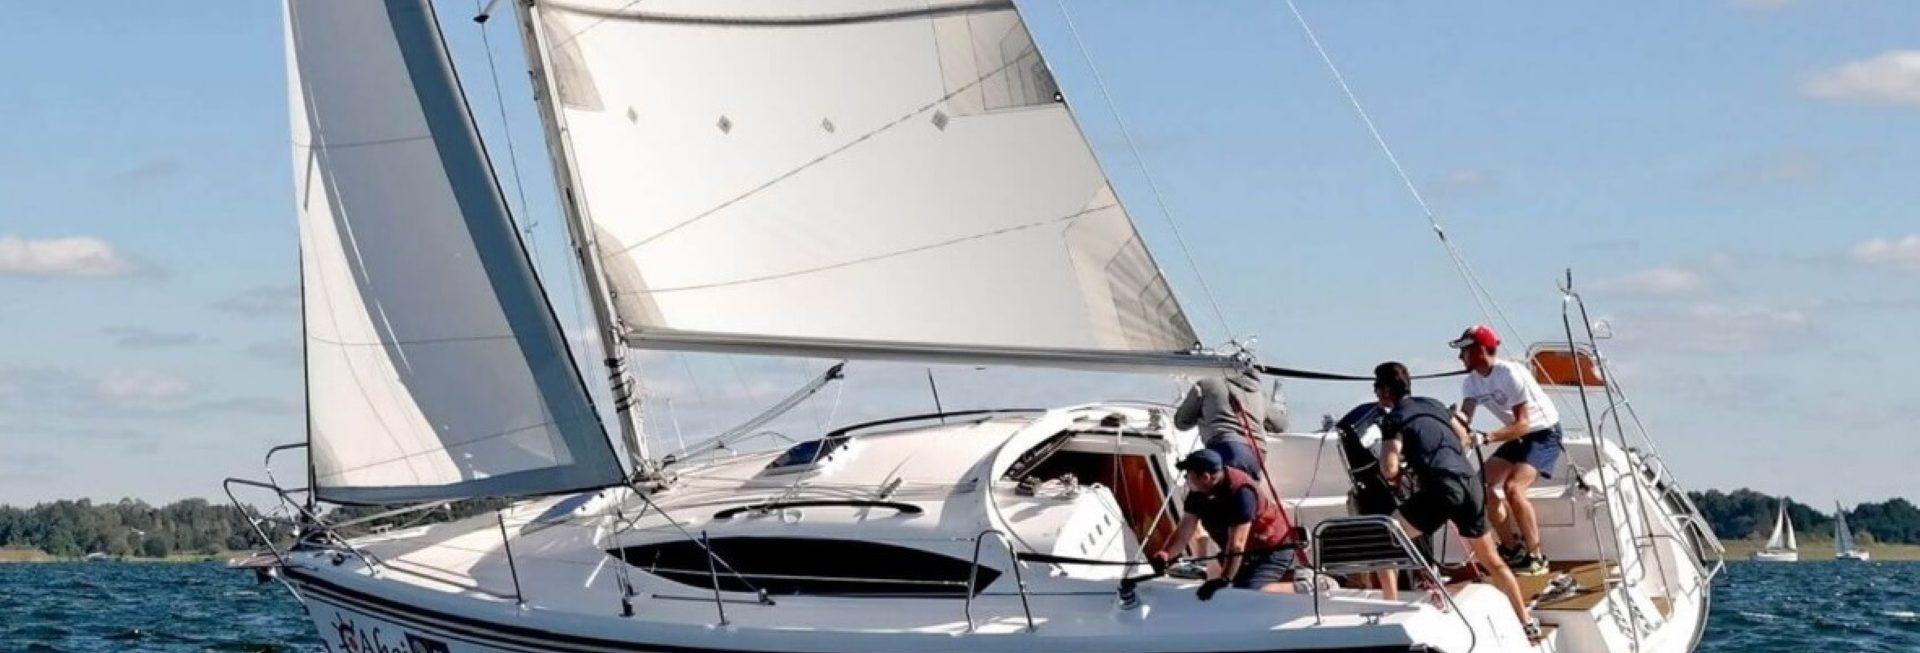 Na zdjęciu żaglówka płynąca podczas rejsu na Szlaku Wielkich Jezior Mazurskich.